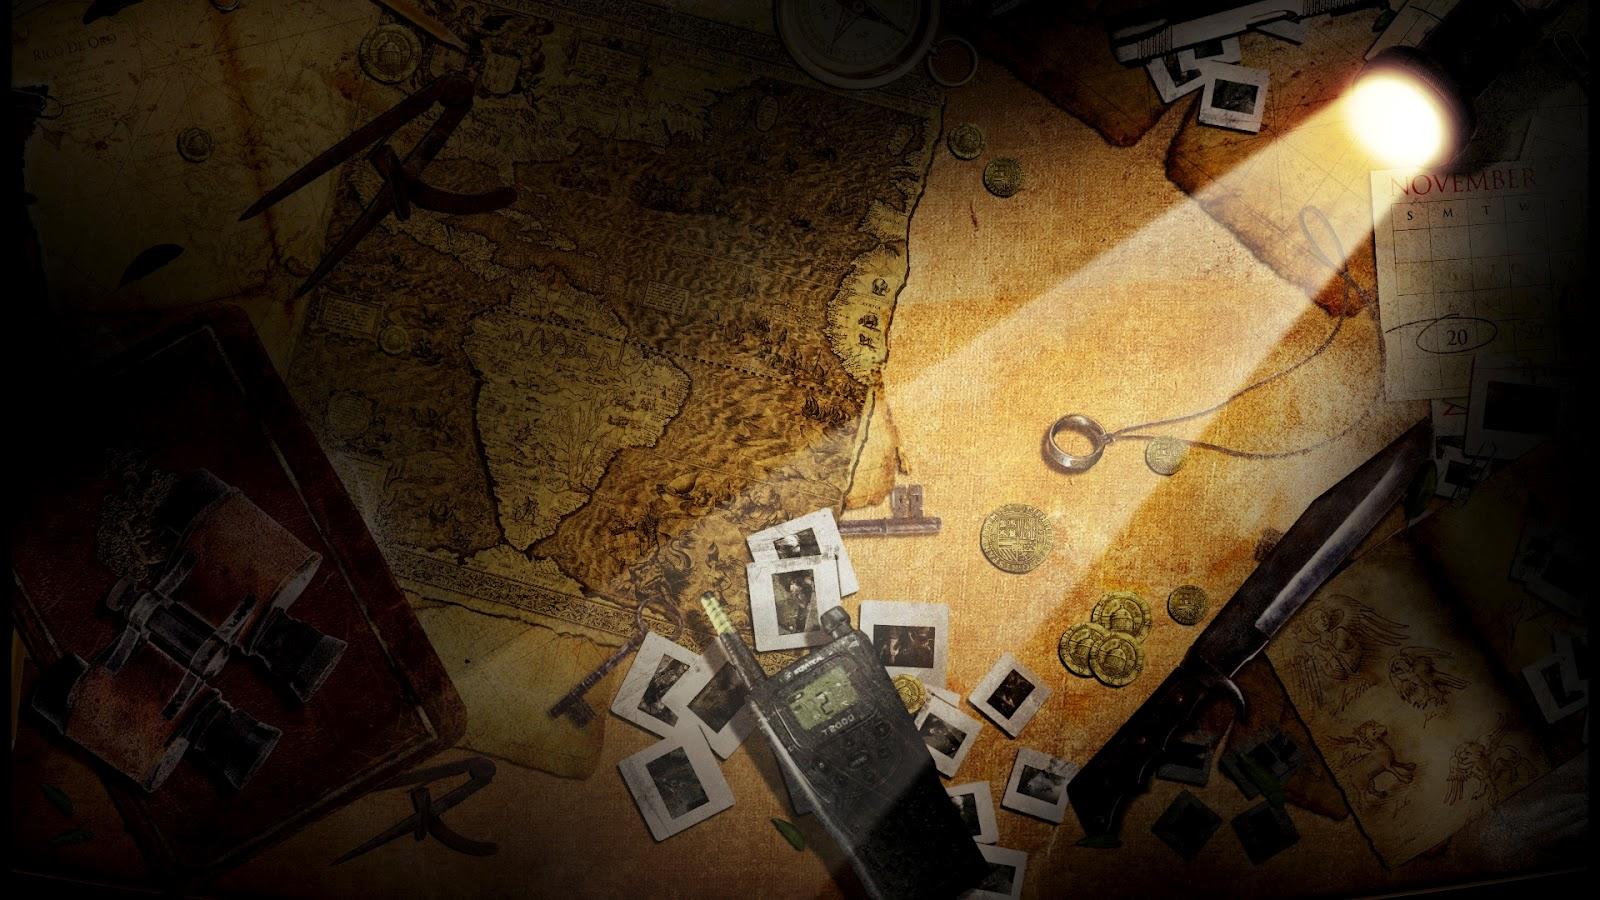 Uncharted1wallpapers3 Uncharted 1 Wallpapers in HD 1080p 1600x900